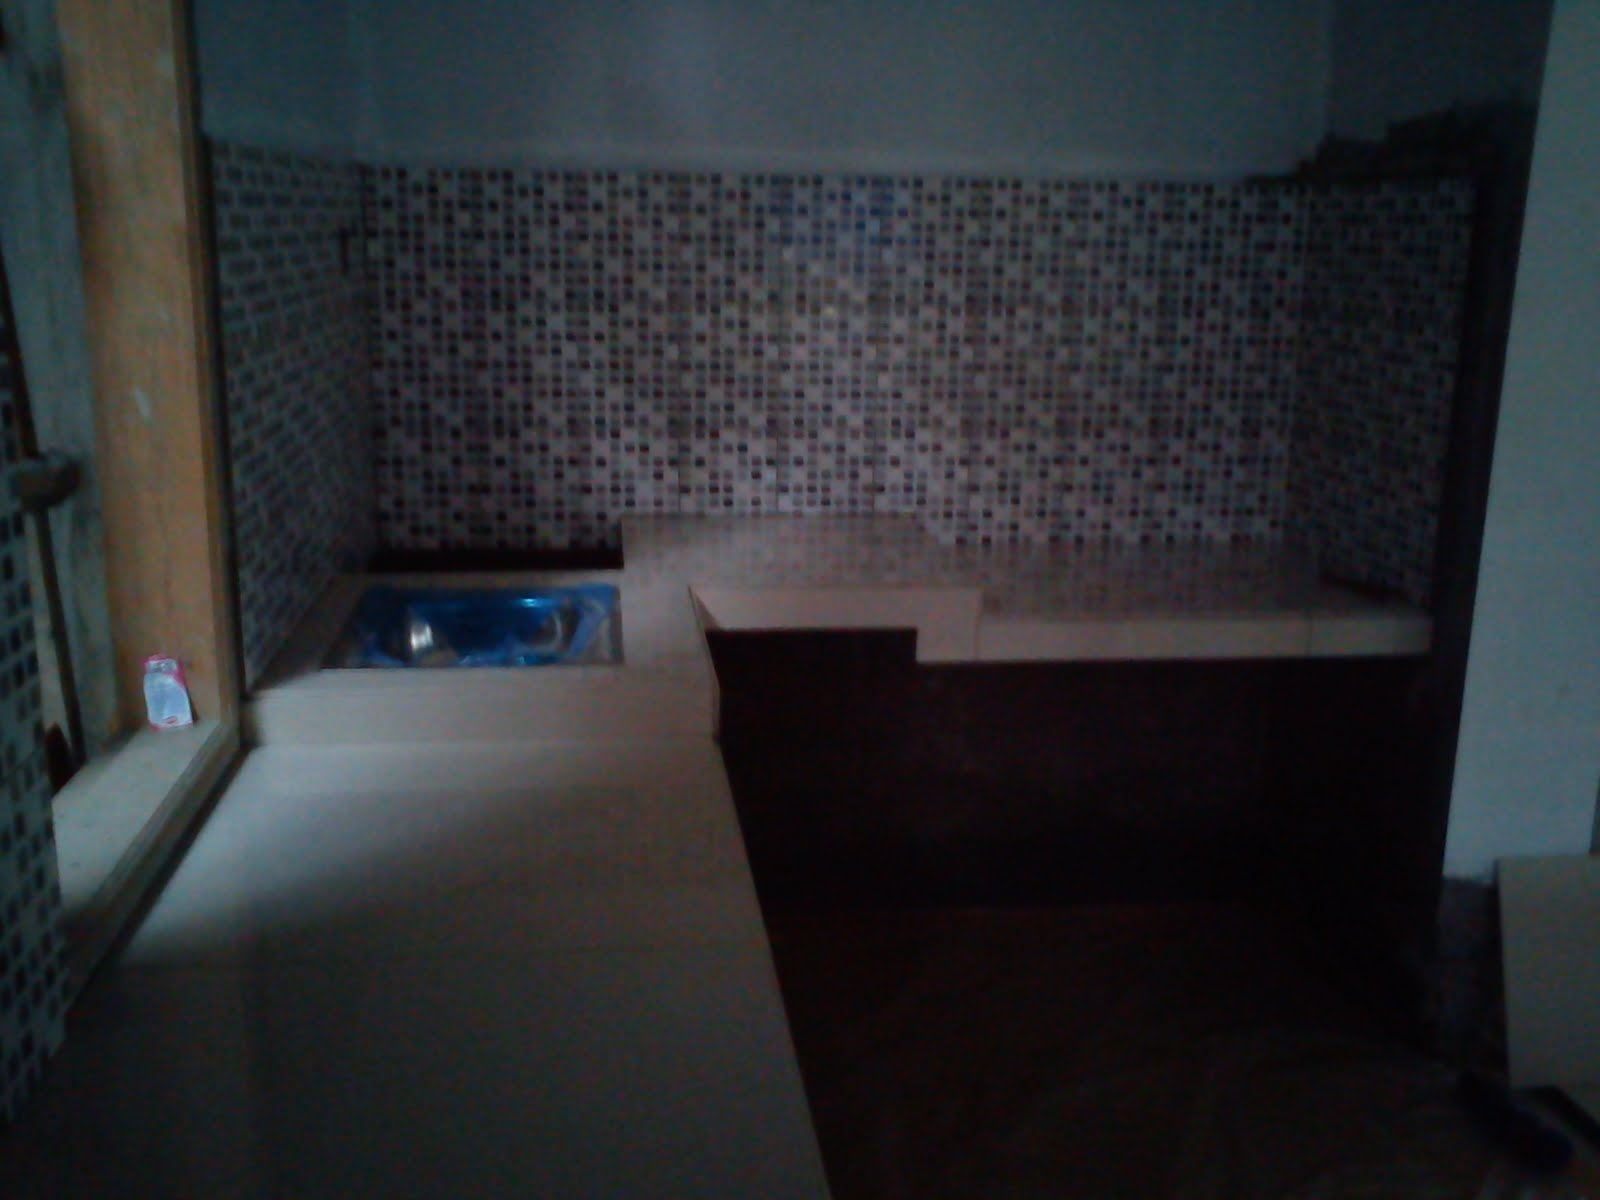 citra home: Jagakarsa's house